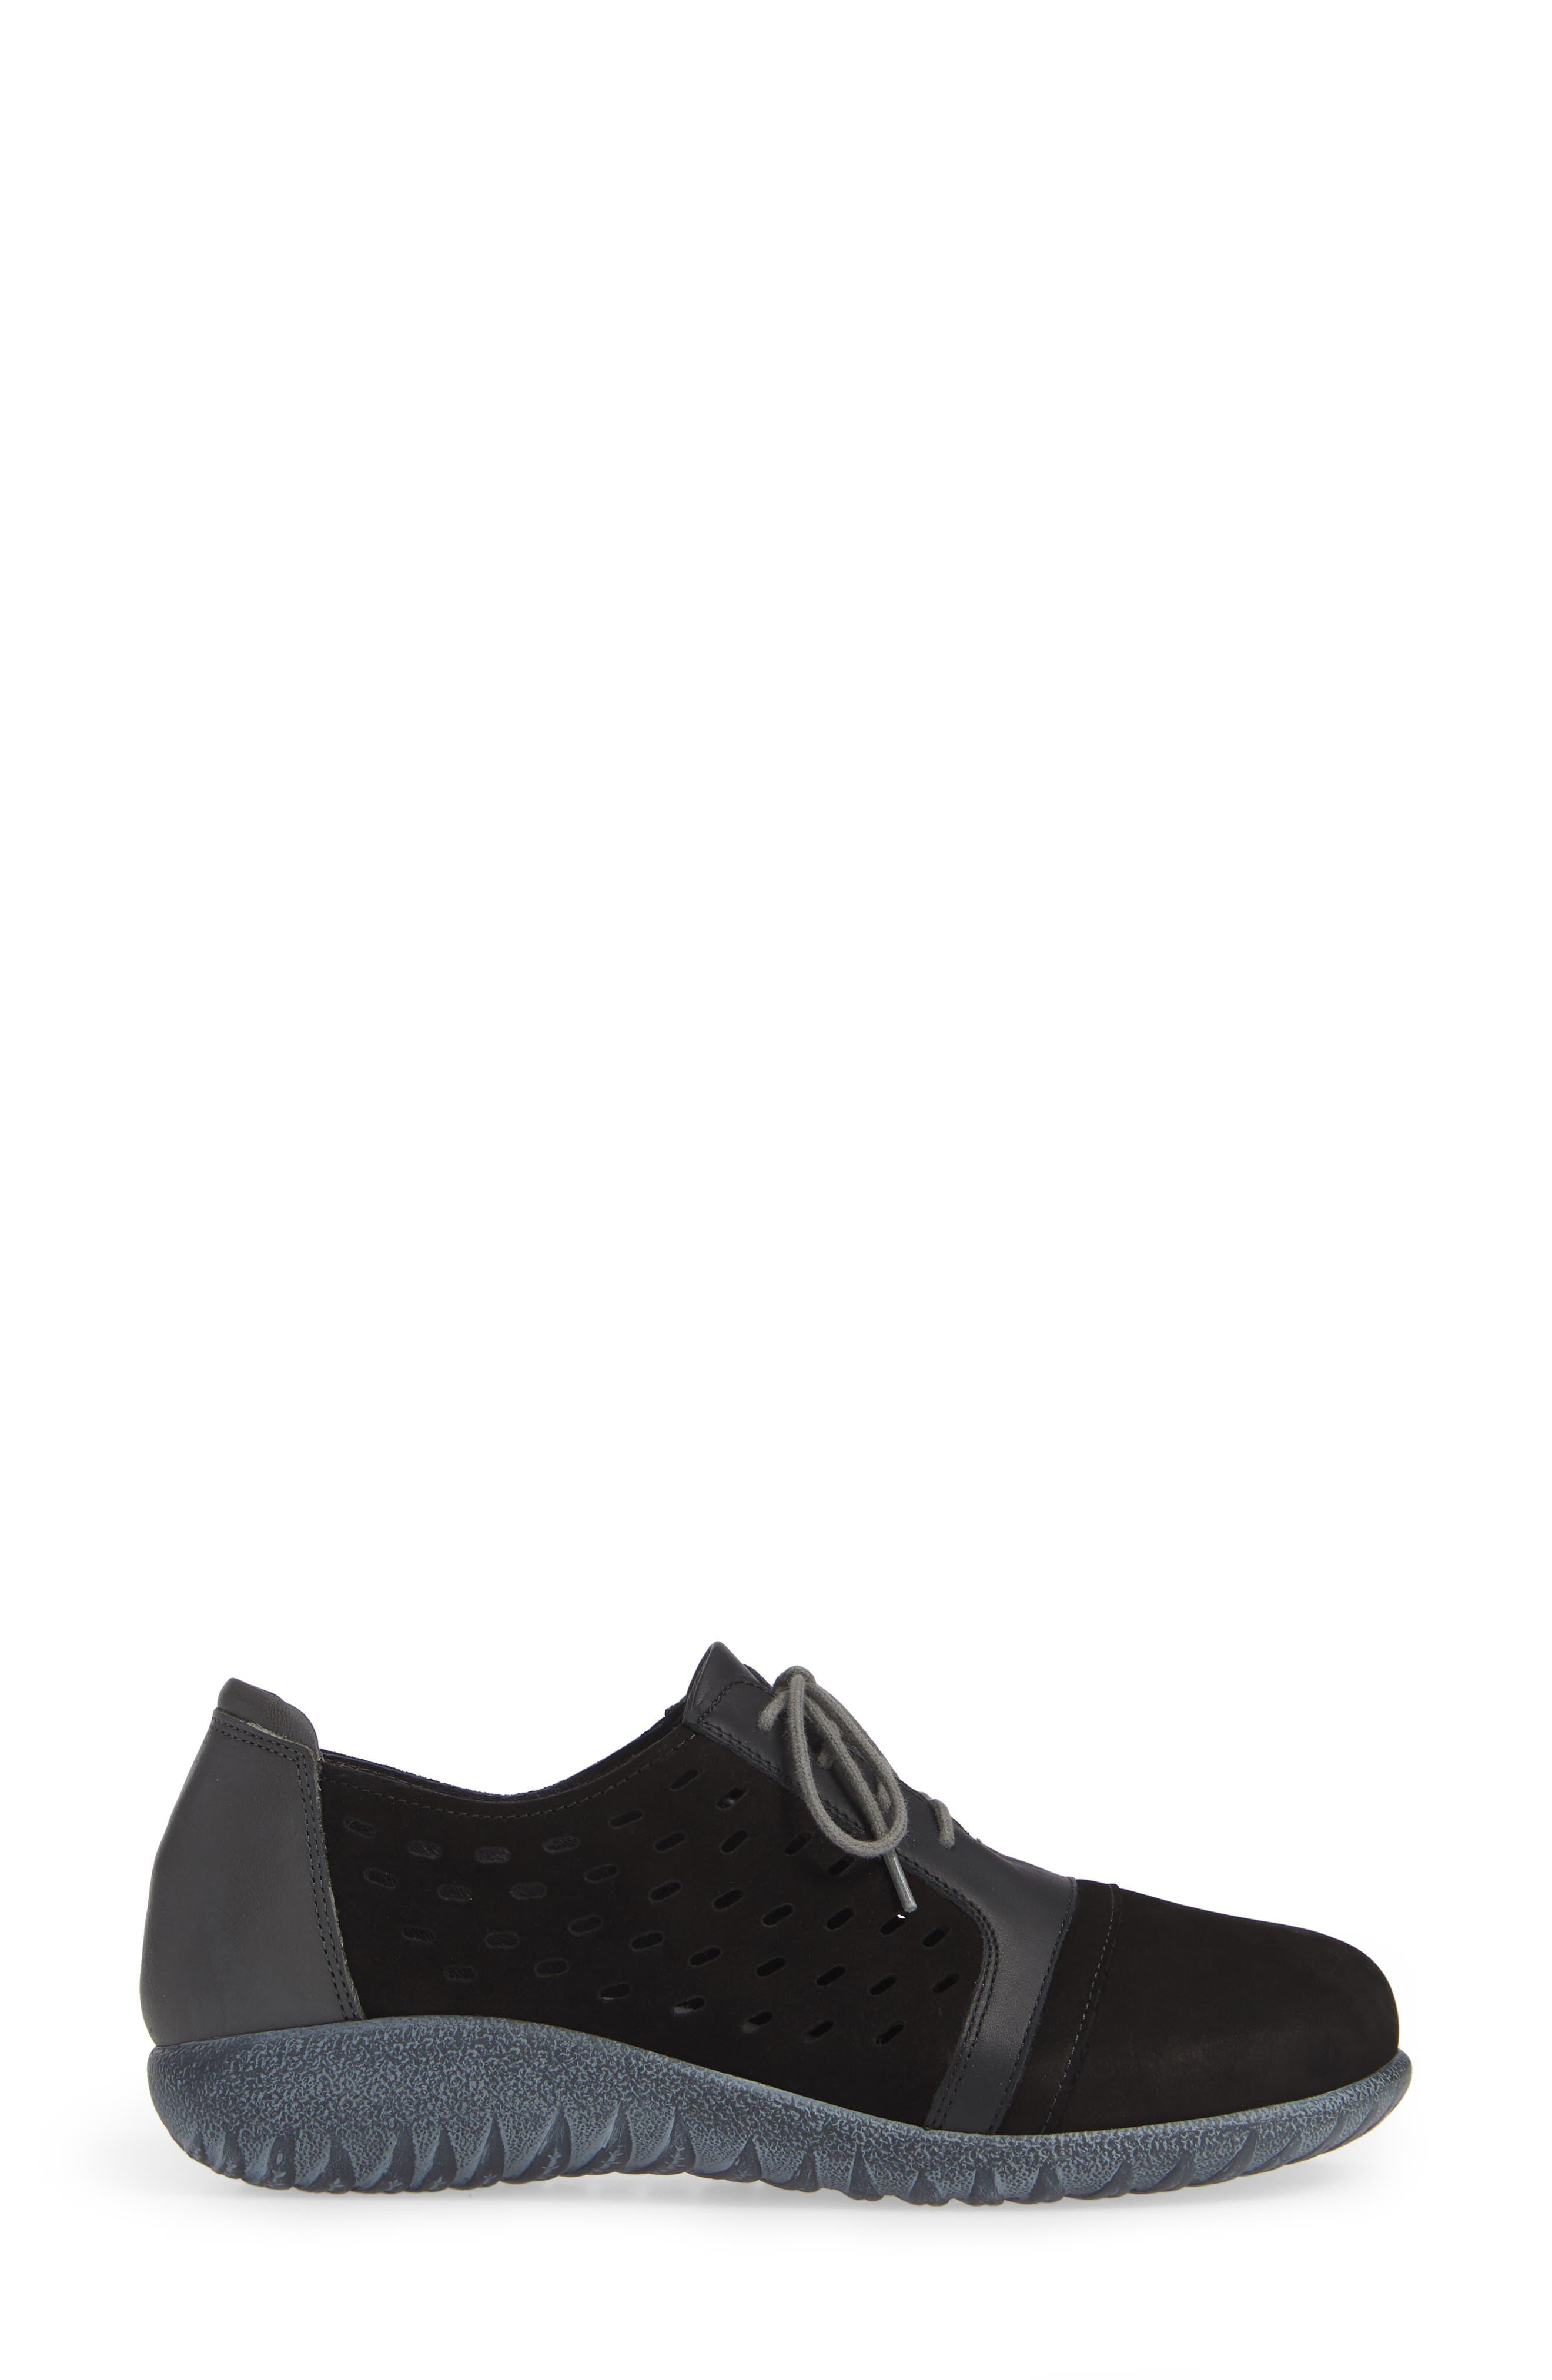 NAOT, Lalo Sneaker, Alternate thumbnail 3, color, BLACK NUBUCK